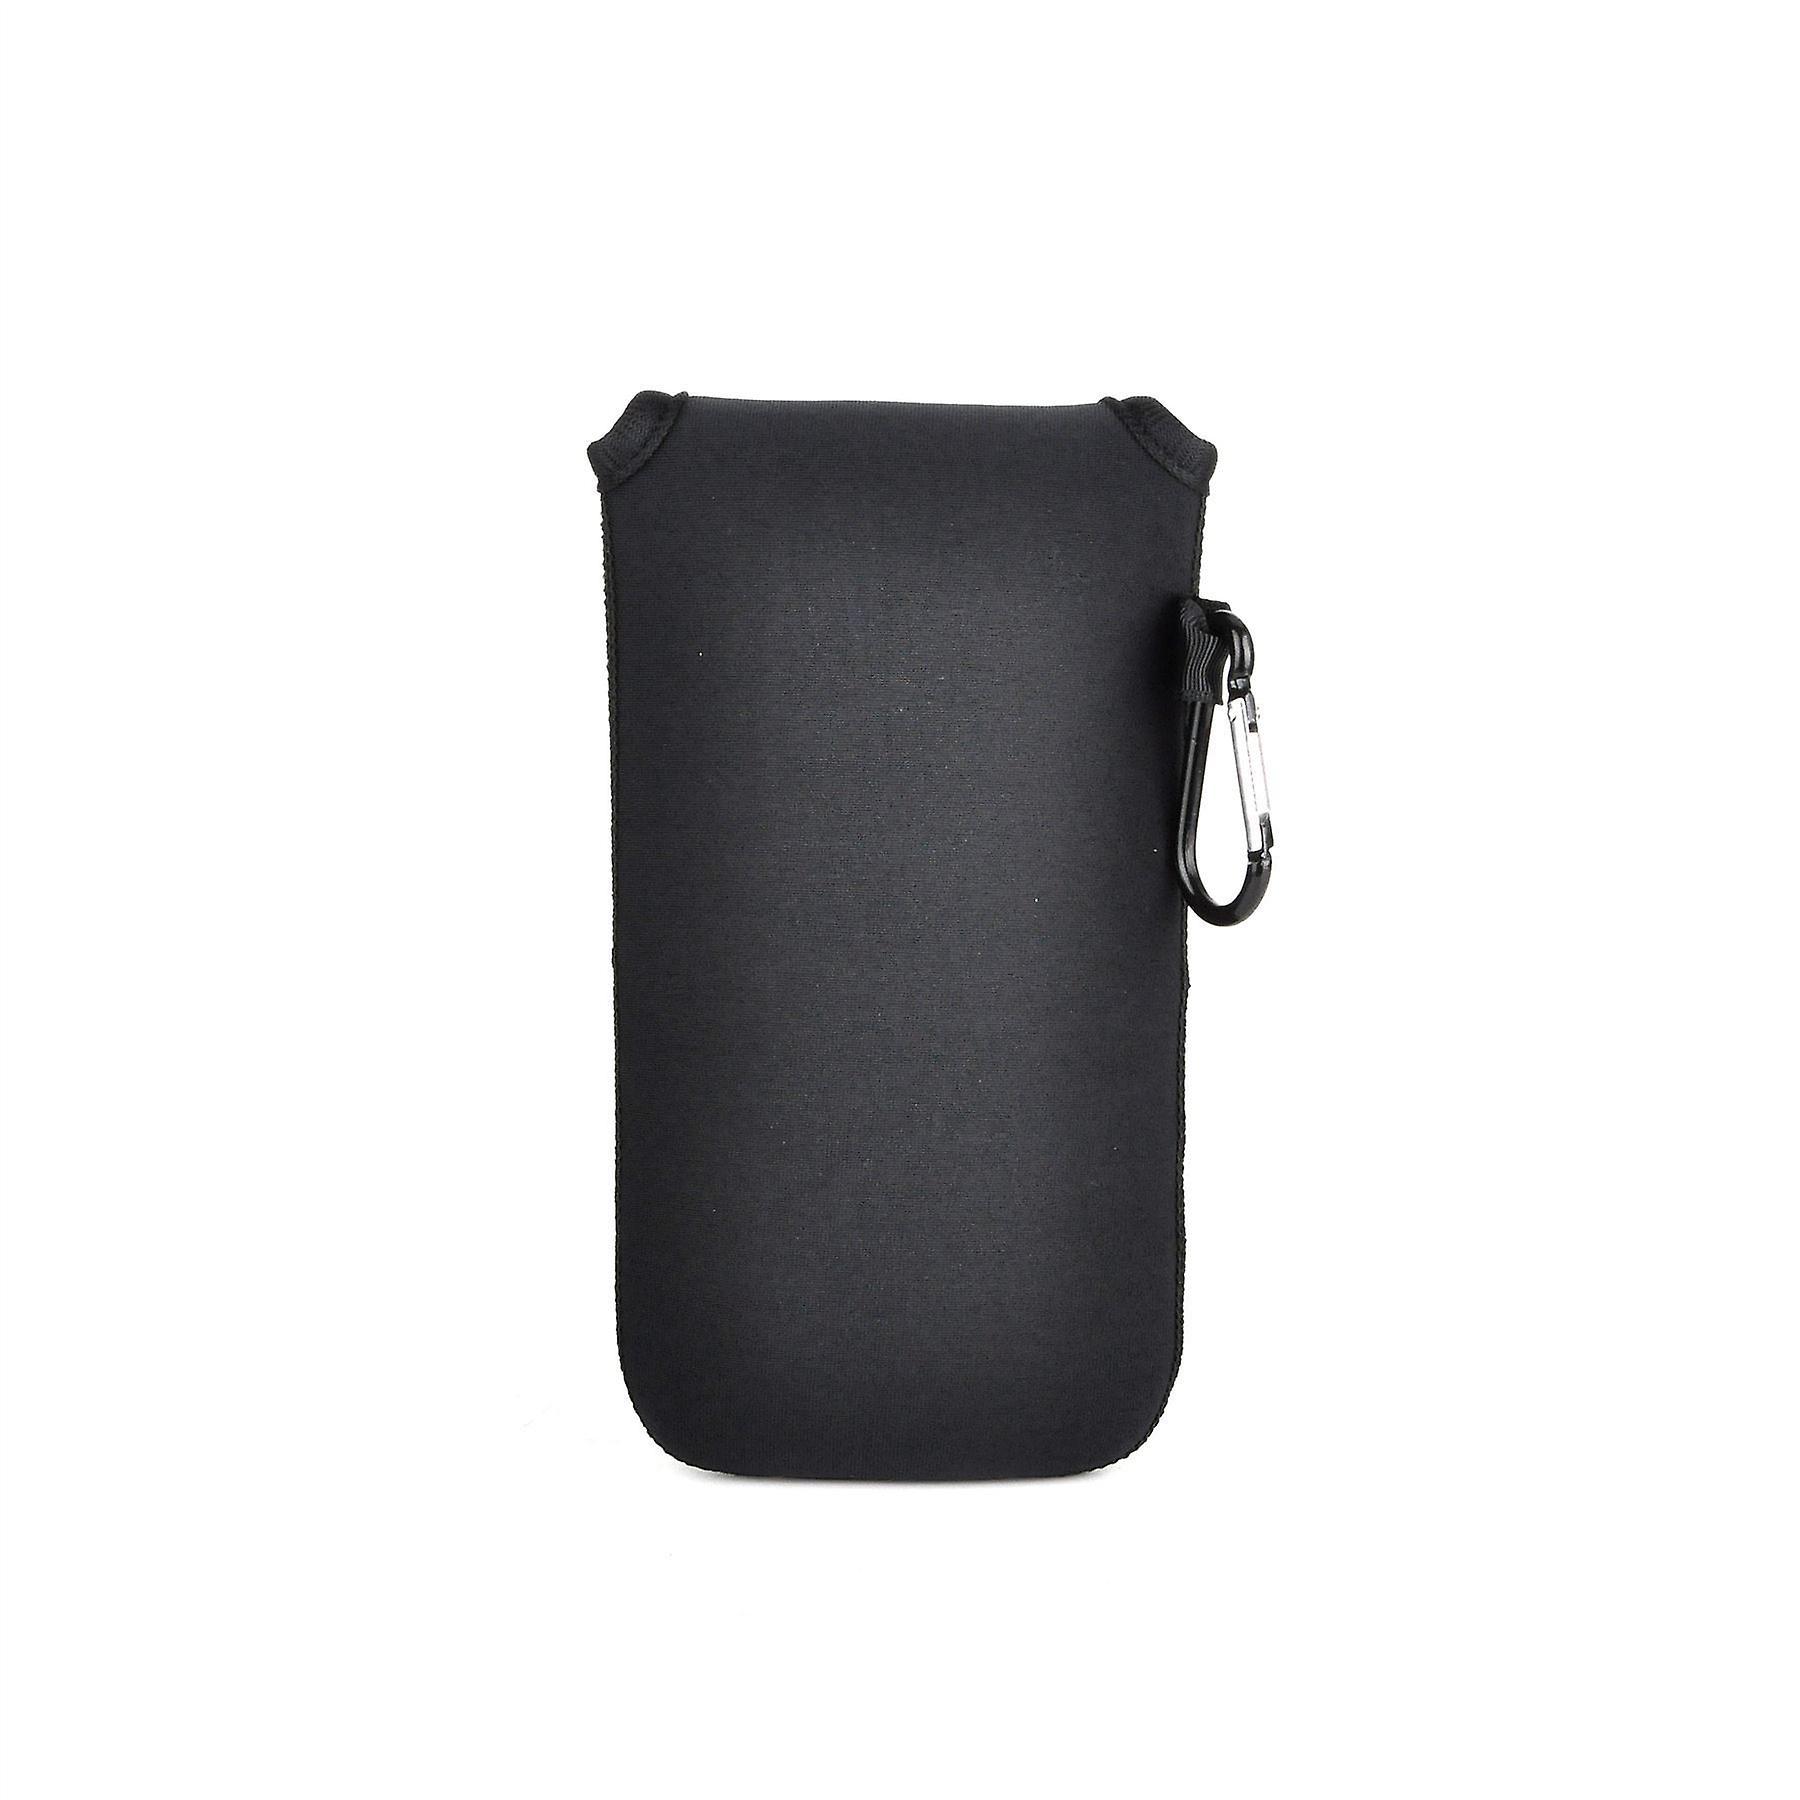 حقيبة تغطية القضية الحقيبة واقية مقاومة لتأثير النيوبرين إينفينتكاسي مع إغلاق Velcro و Carabiner الألومنيوم لرغبة هتك 616-أسود